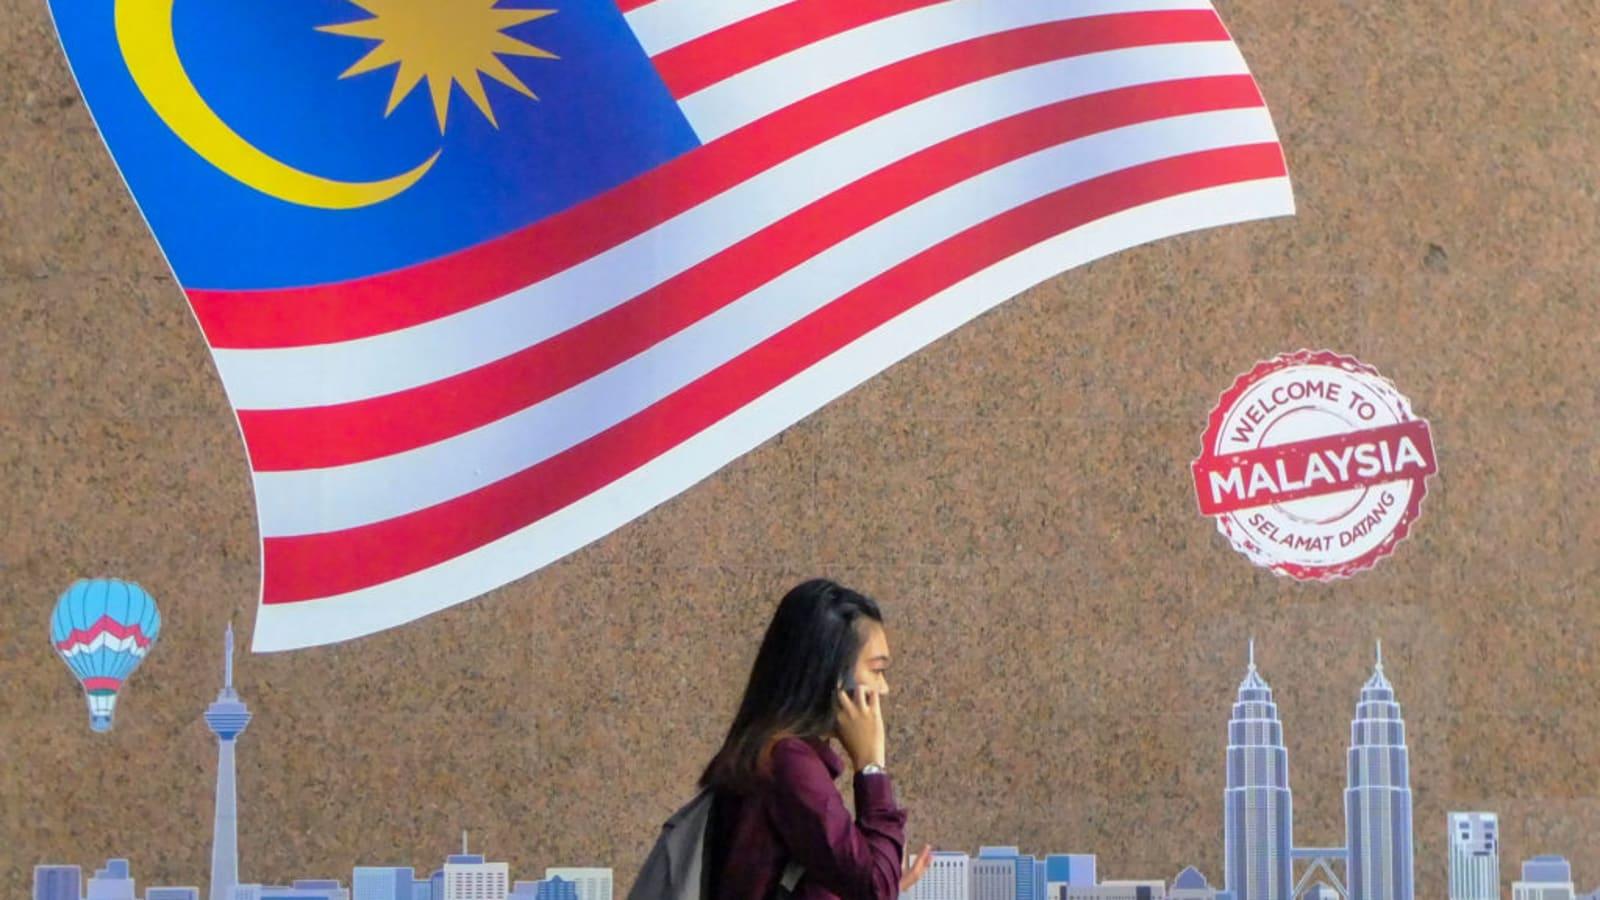 رئيس الوزراء الماليزيملتزمون بأن نصبح دولة محايدة للكربون بحلول عام